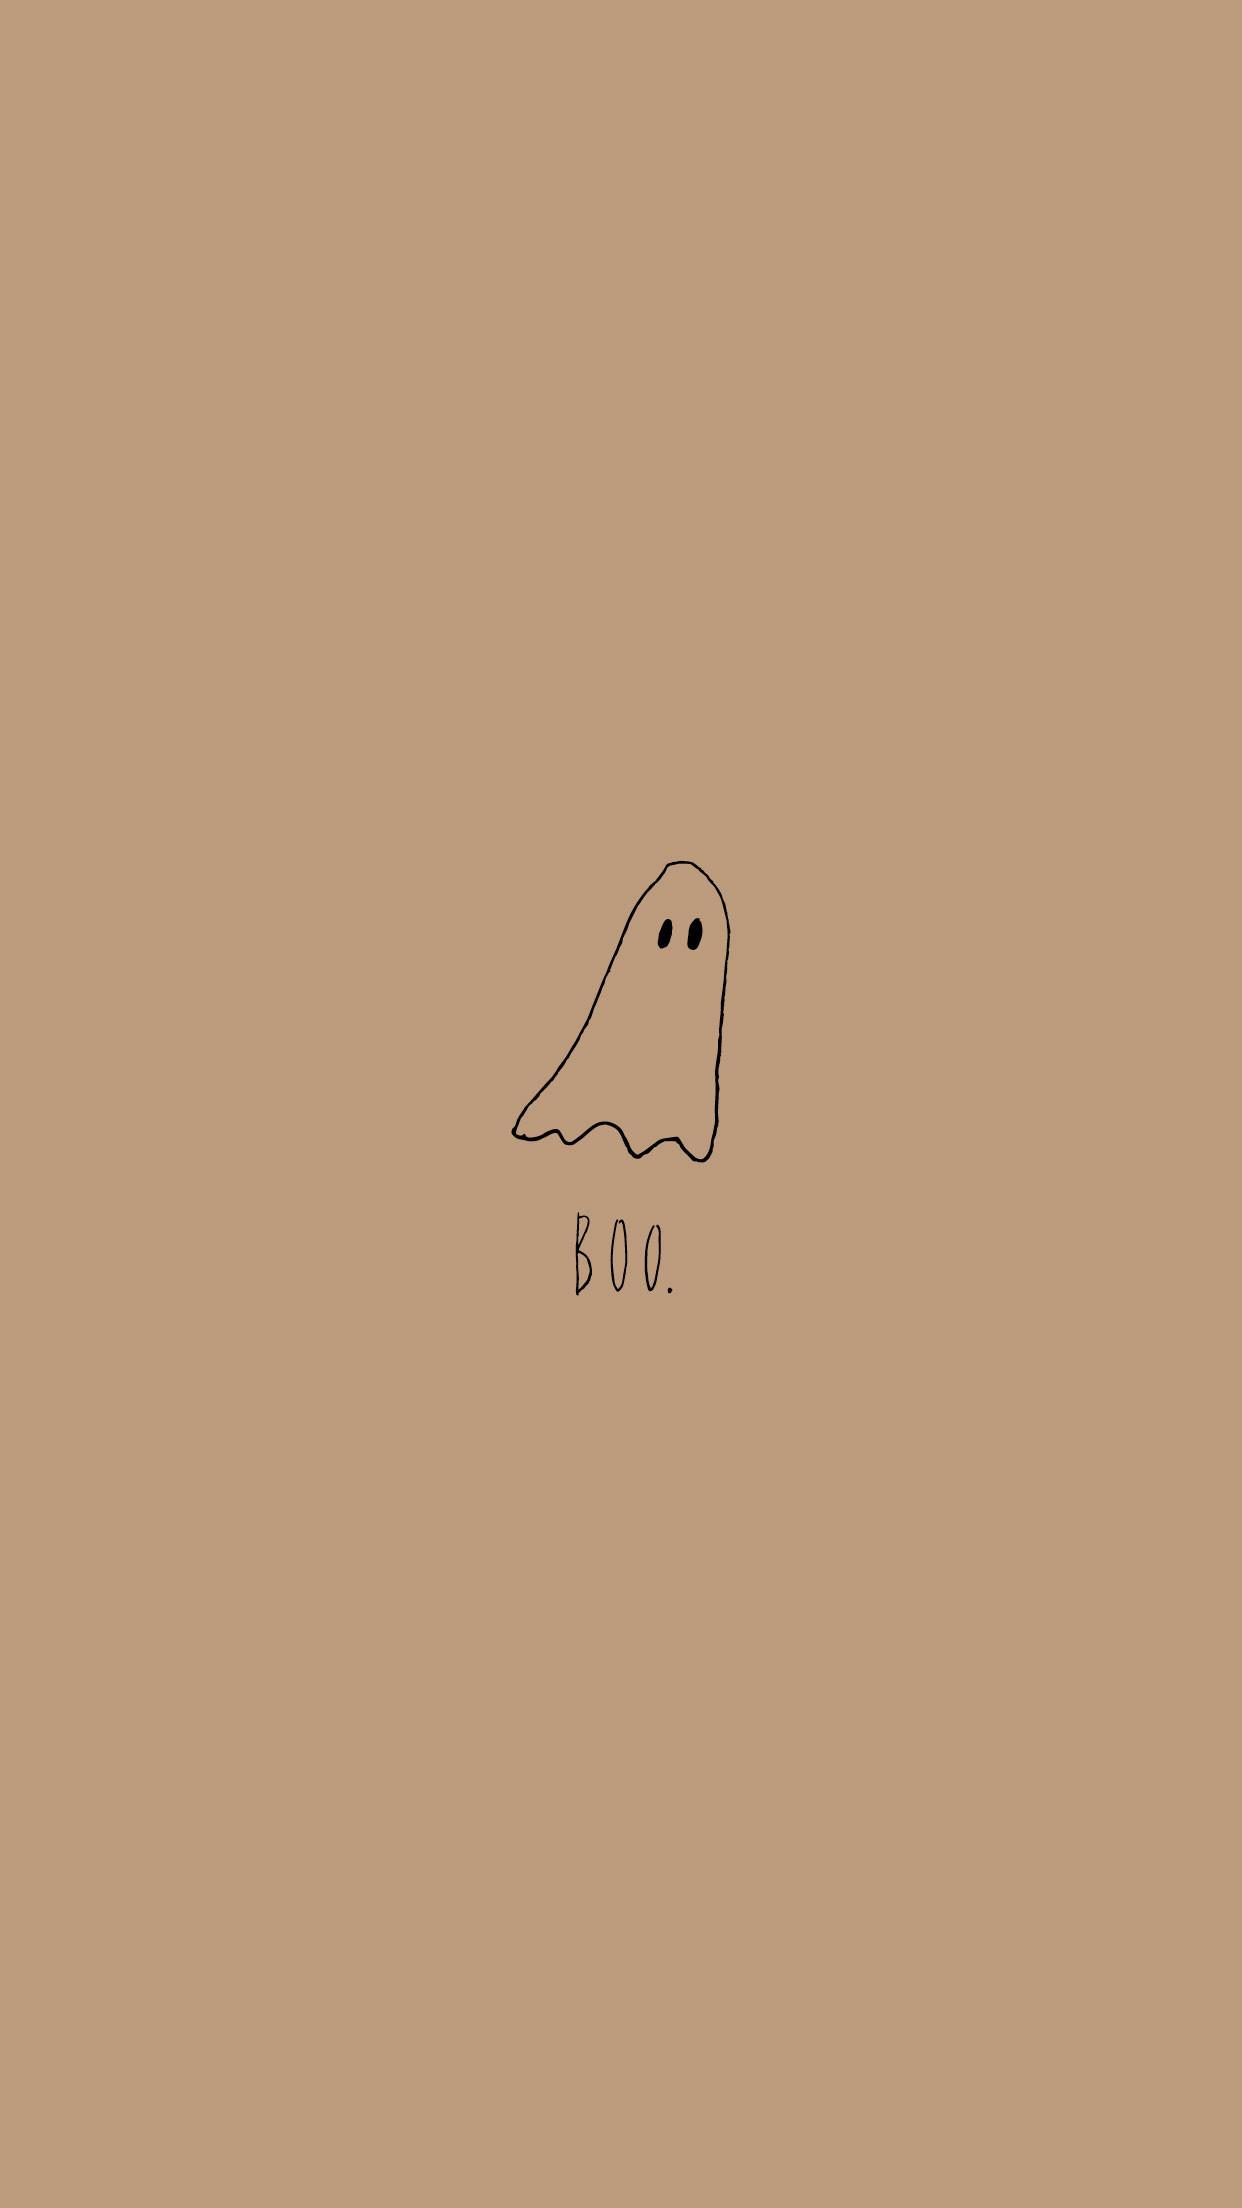 Simple Wallpaper Halloween Iphone Se - 304670  Gallery_913241.jpg